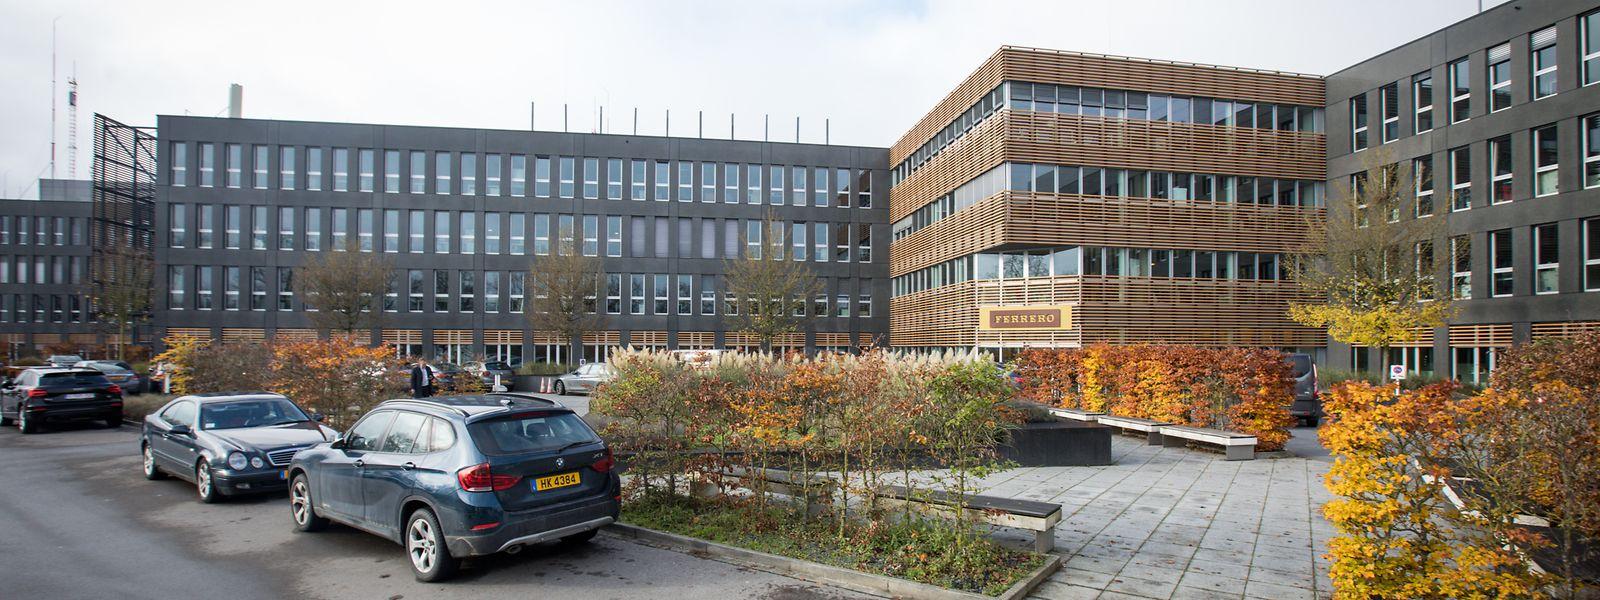 Les bureaux du siège actuel de Ferrero International (complexe B) seront transformés pour accueillir notamment le Service de Police judiciaire (SPJ).